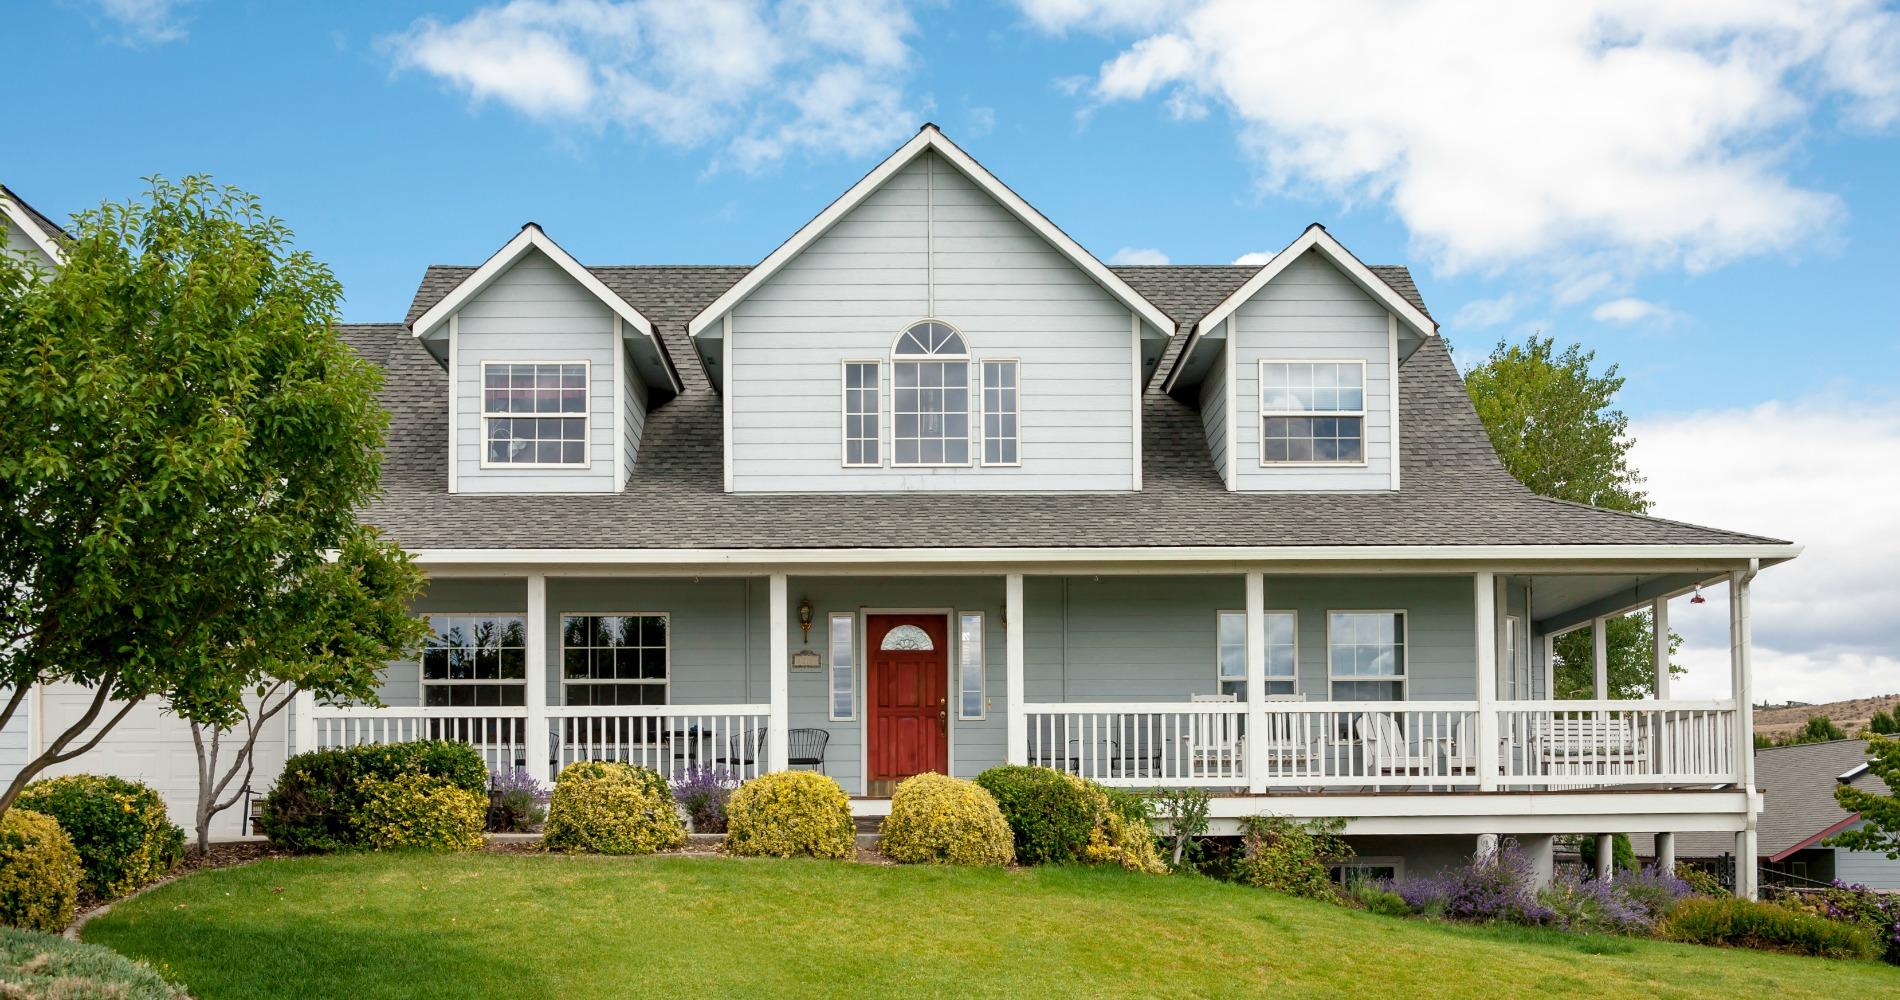 Lgi homes reviews home design inspirations for Lgi homes